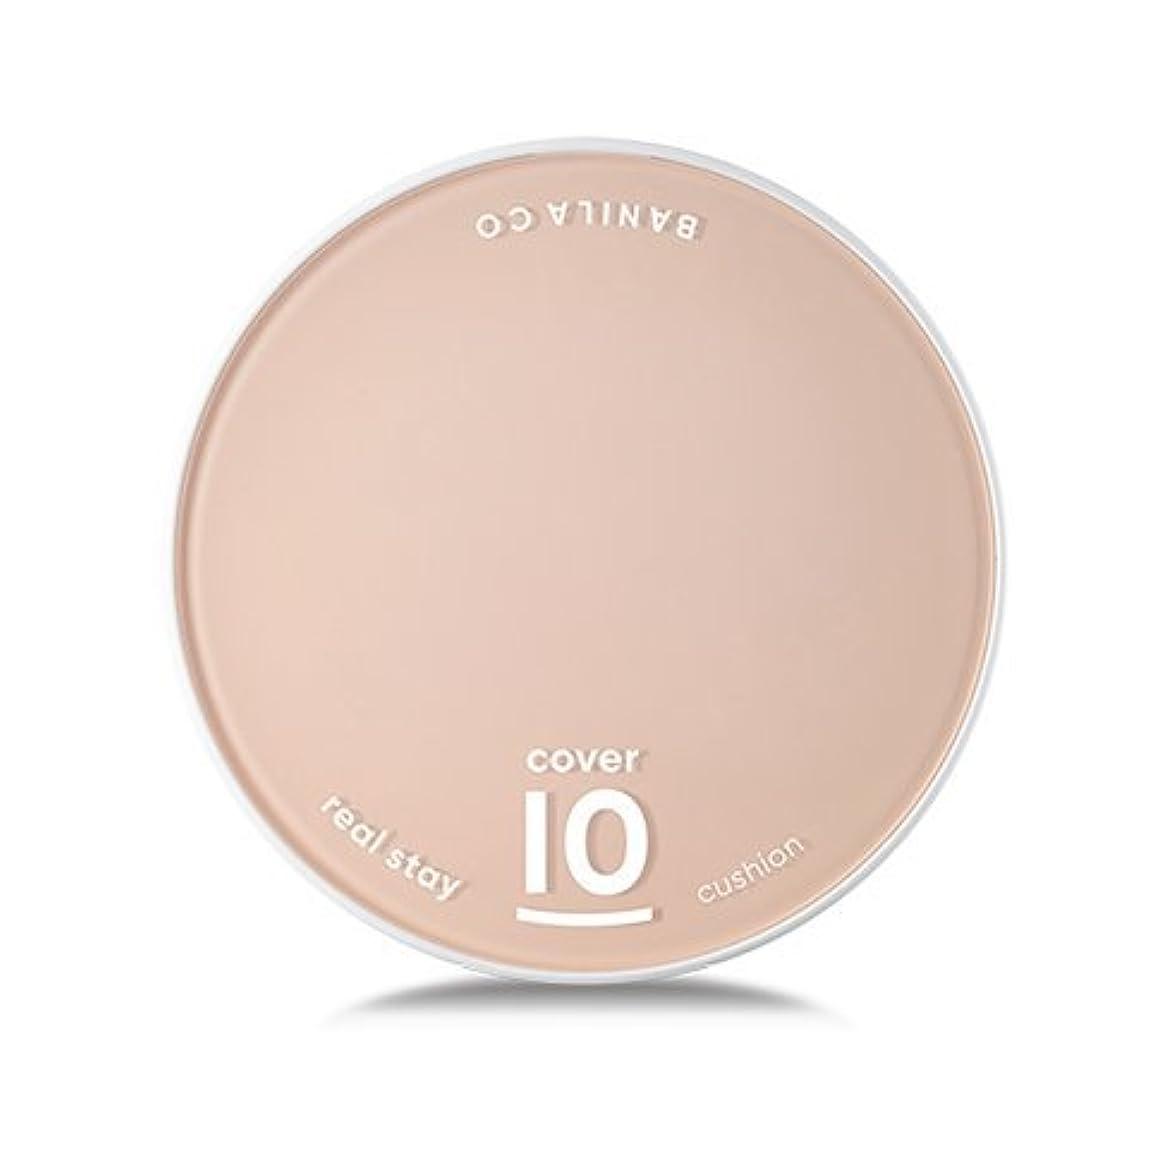 たまにメーター違反[Renewal] BANILA CO Cover 10 Real Stay Cushion 15g + Refill 15g/バニラコ カバー 10 リアル ステイ クッション 15g + リフィル 15g (#BE10...